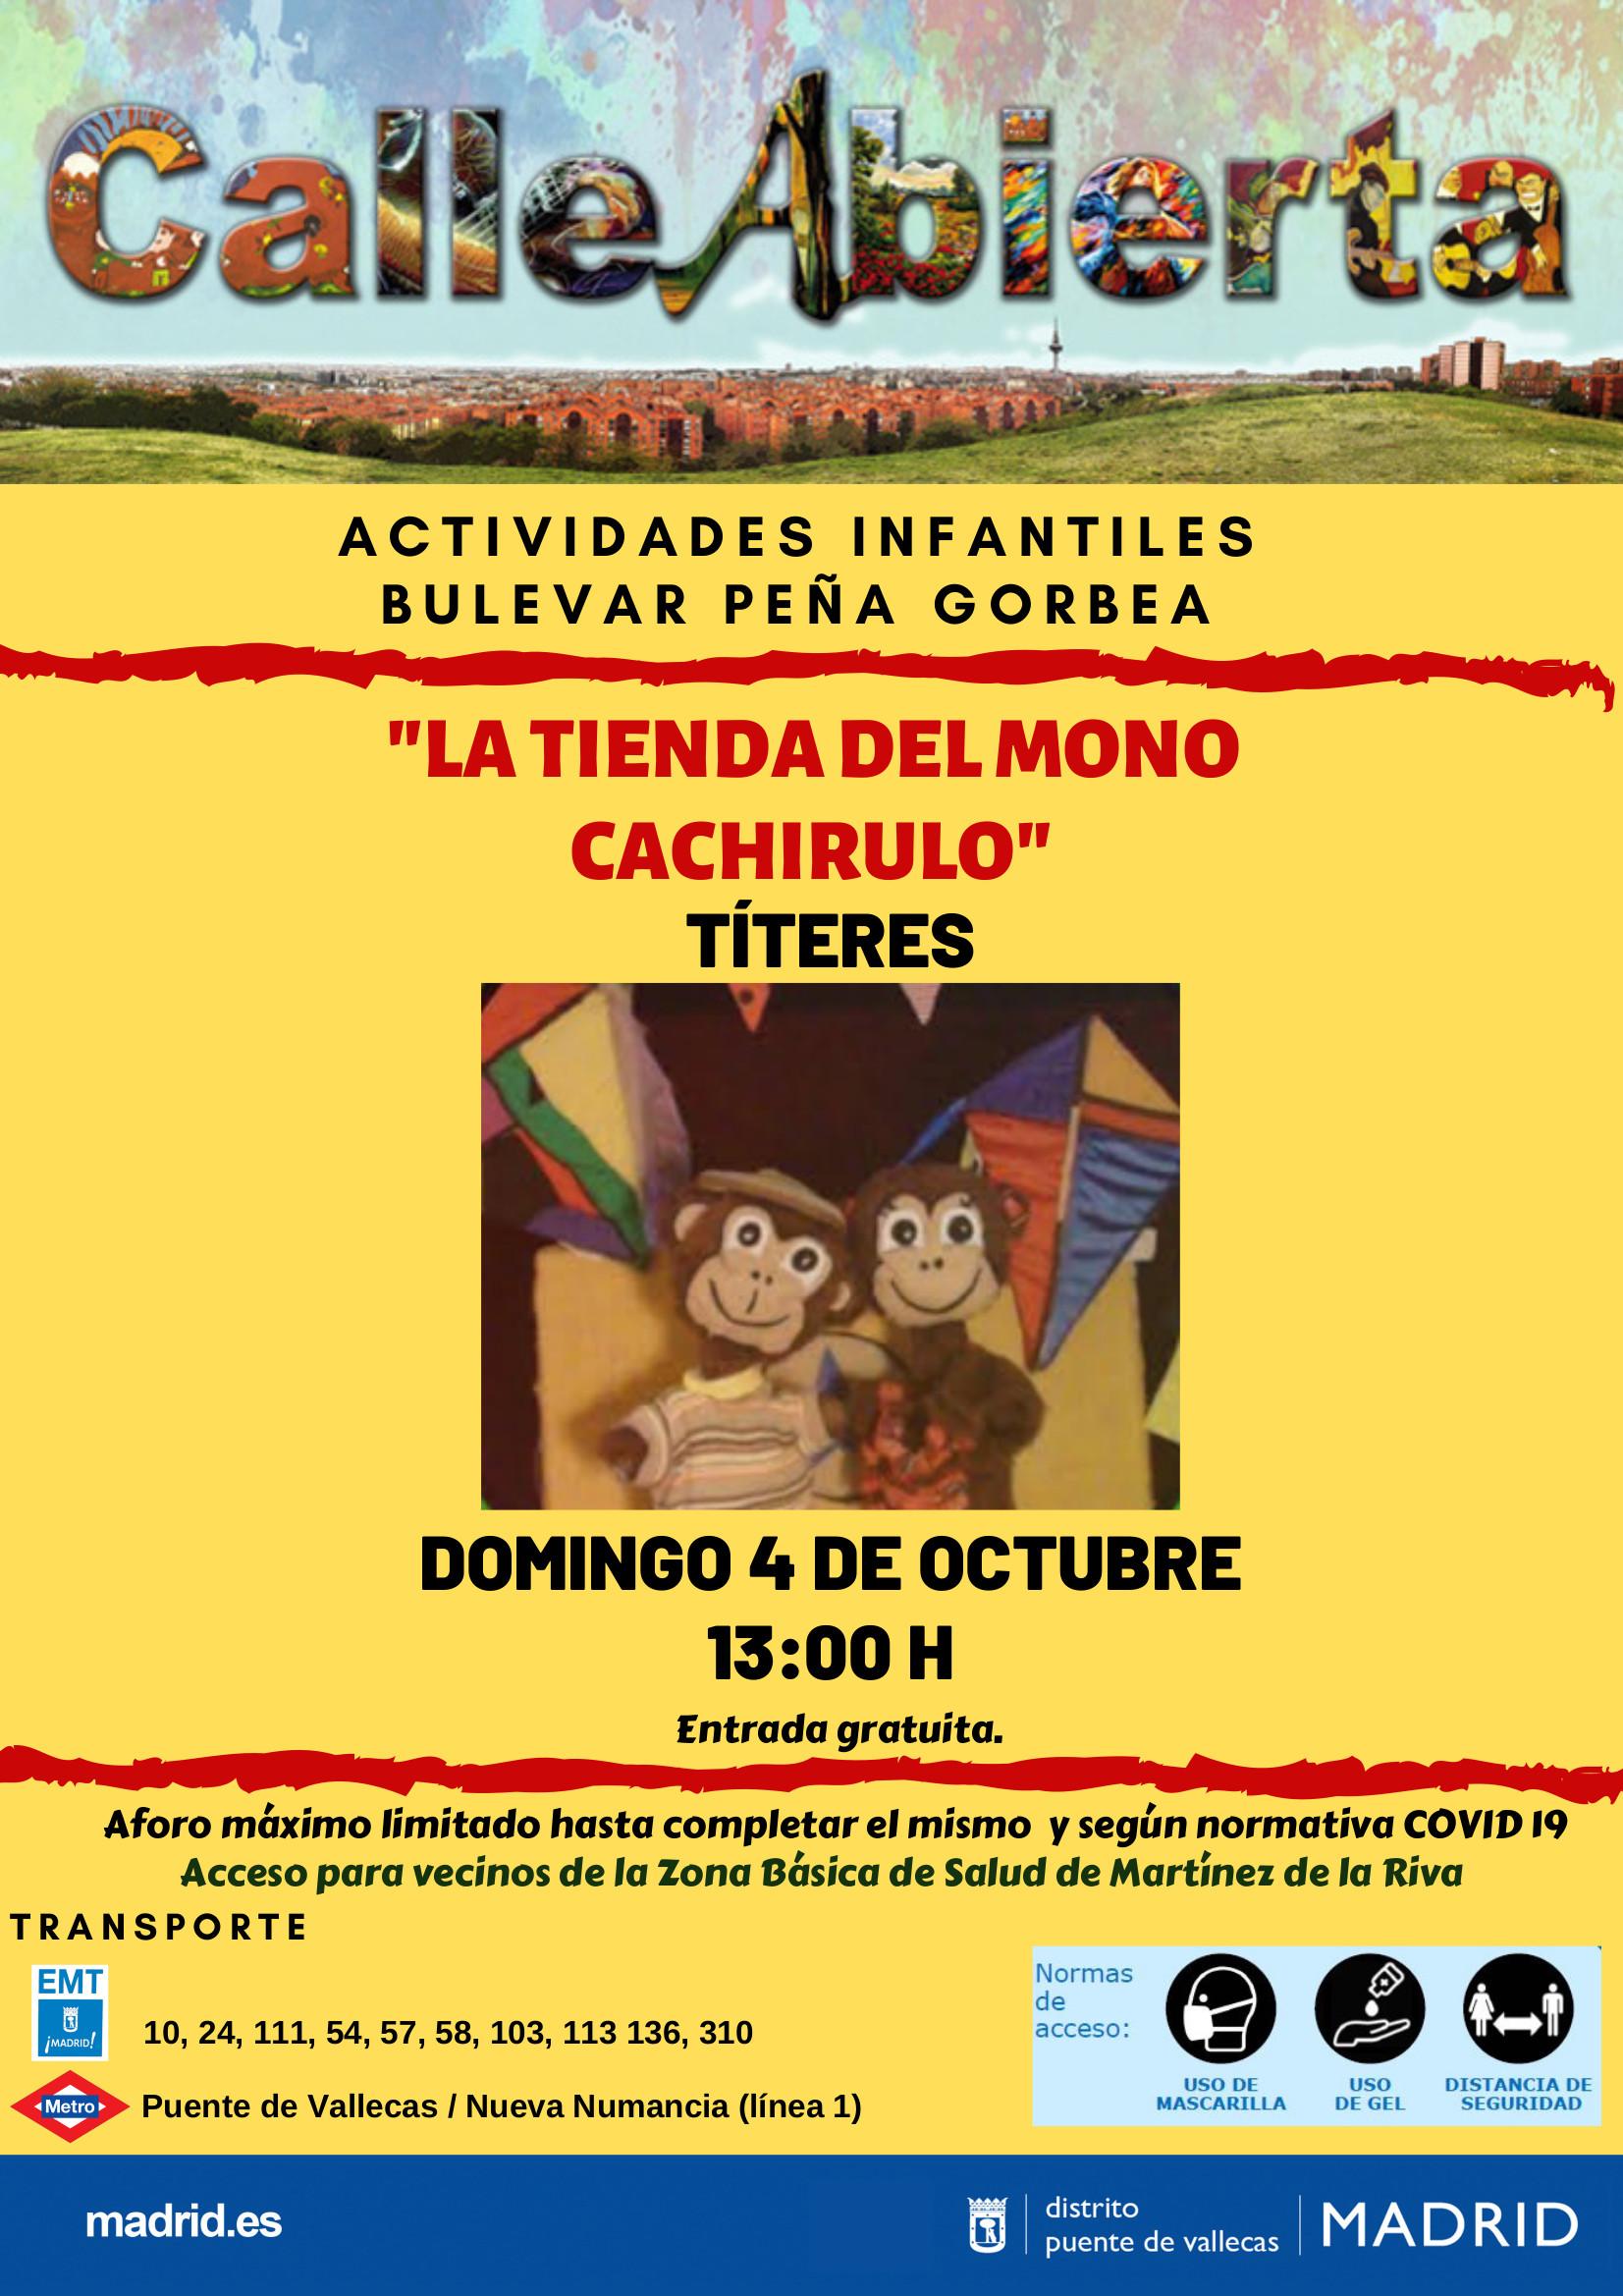 4´Octubre - la tienda del mono Cachirulo - Calle abierta infantil Vallecas